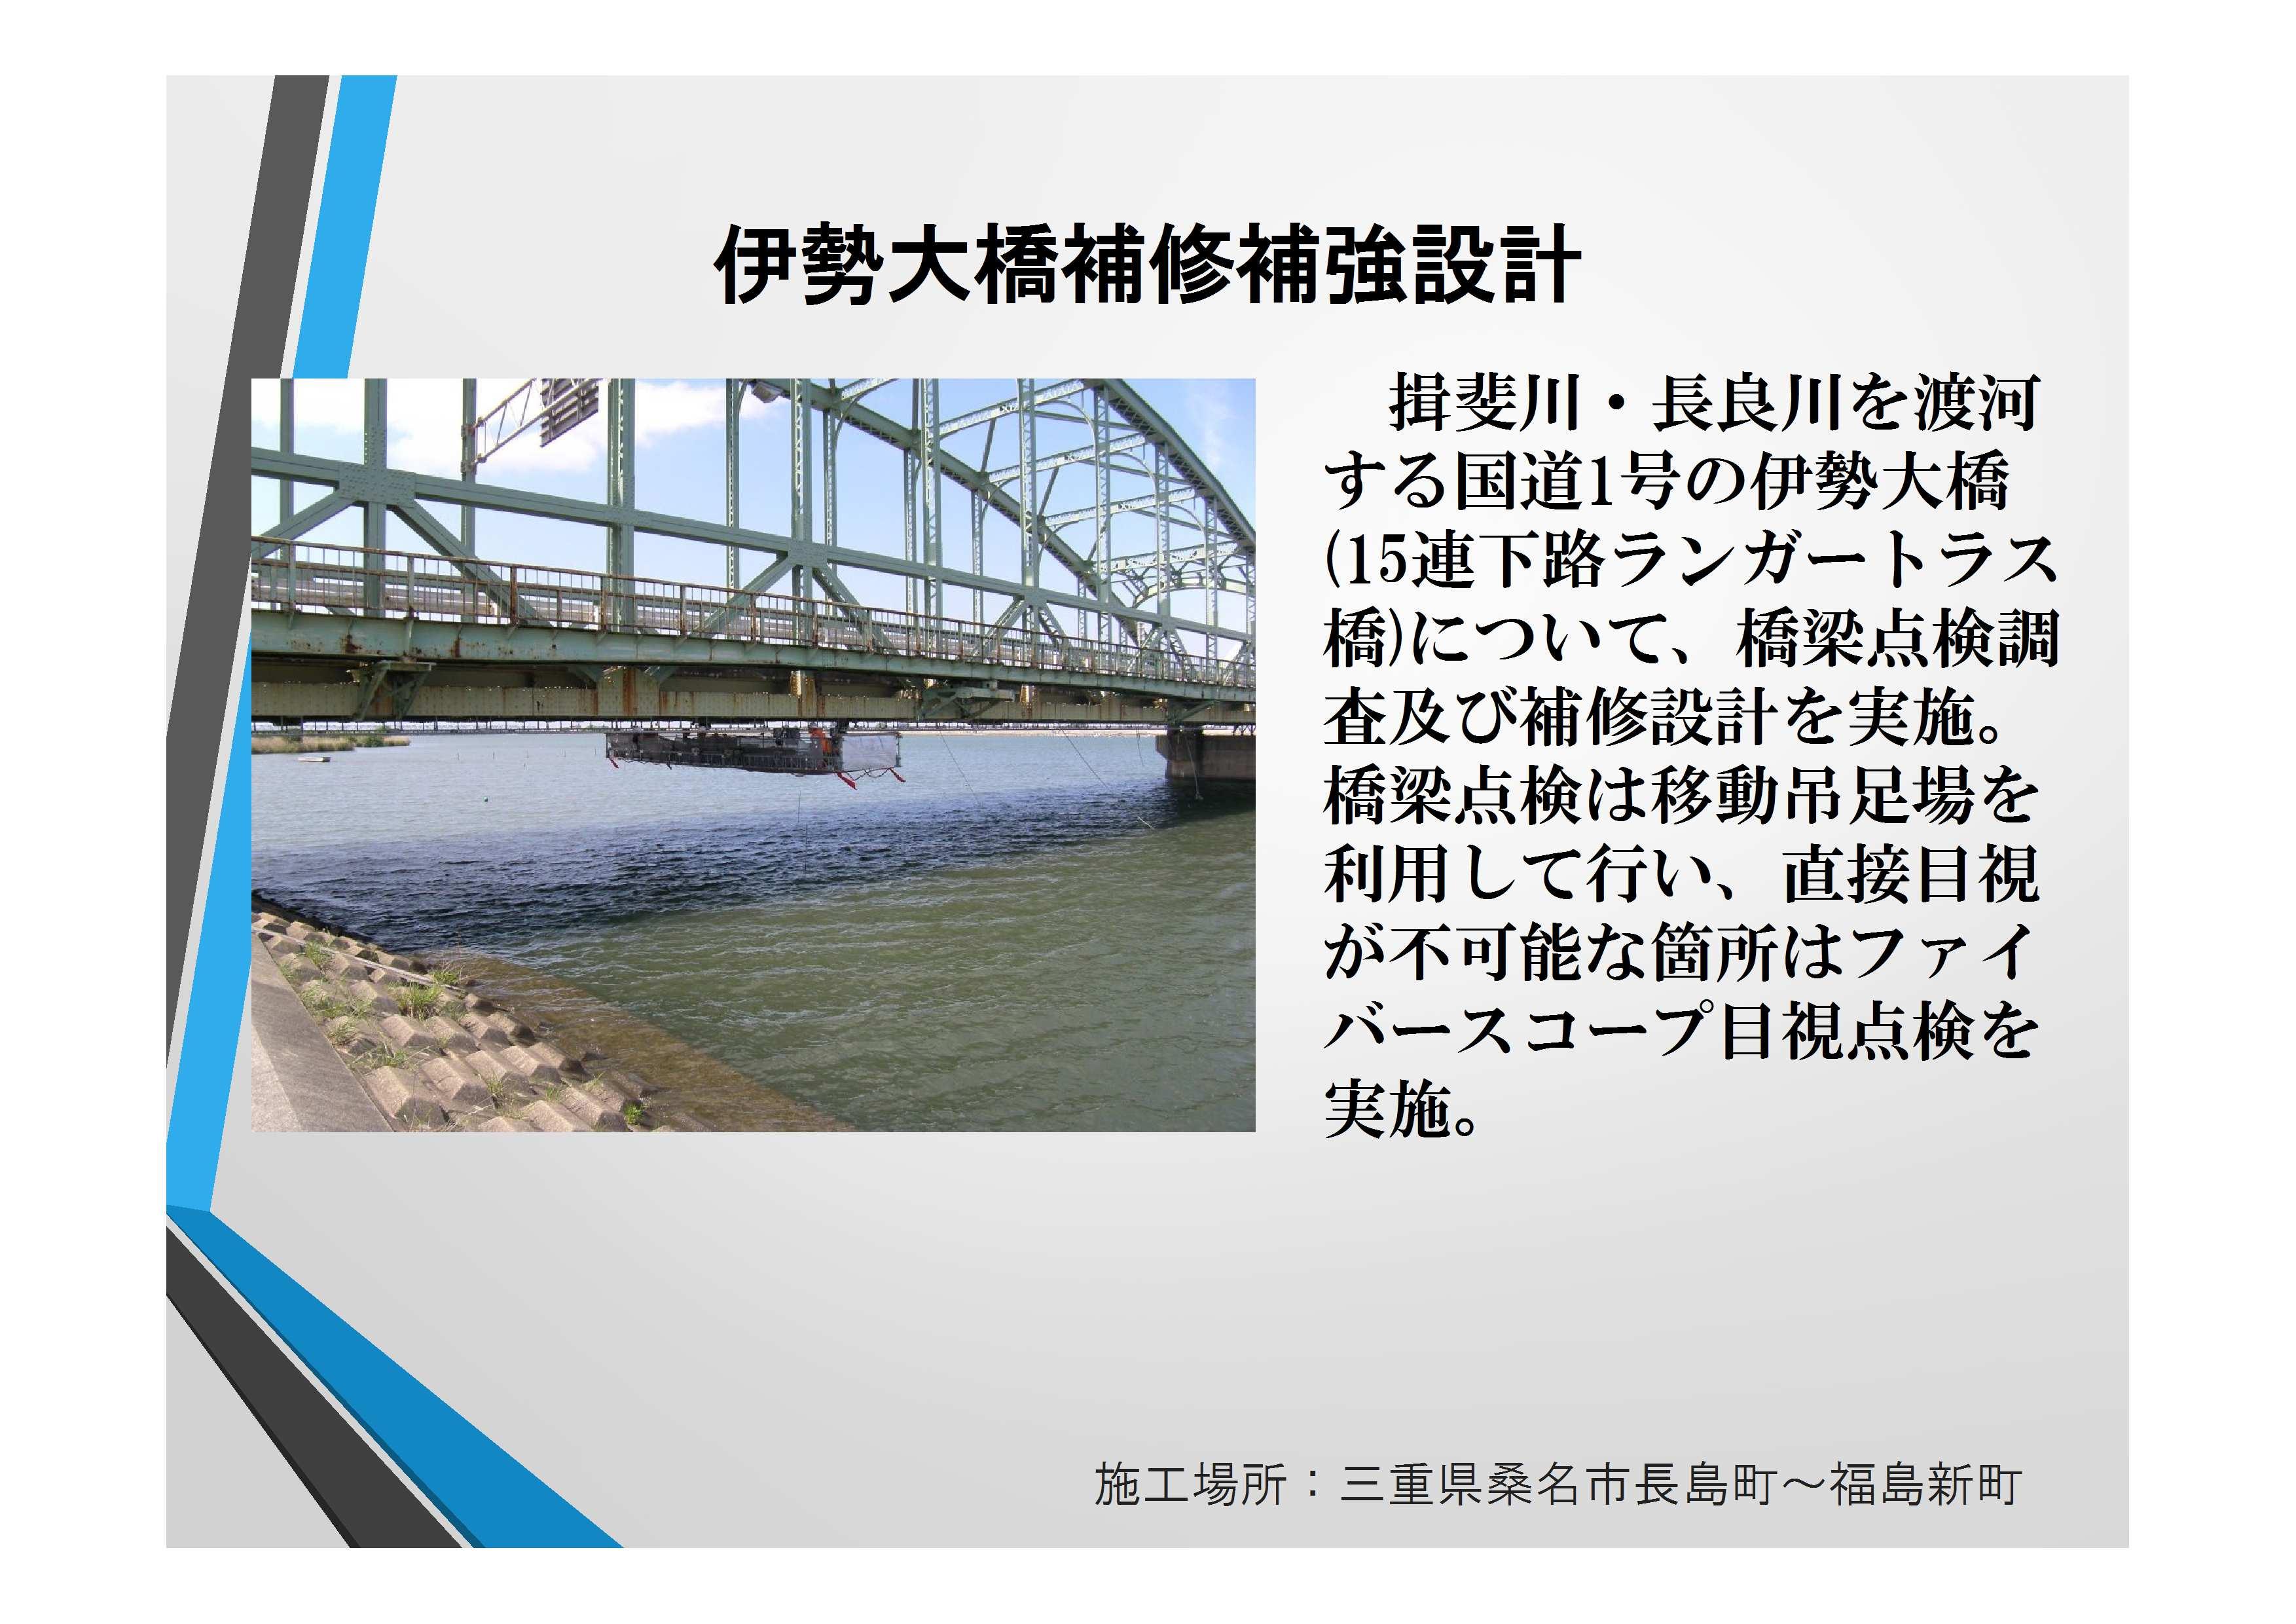 19-055 伊勢大橋補修補強